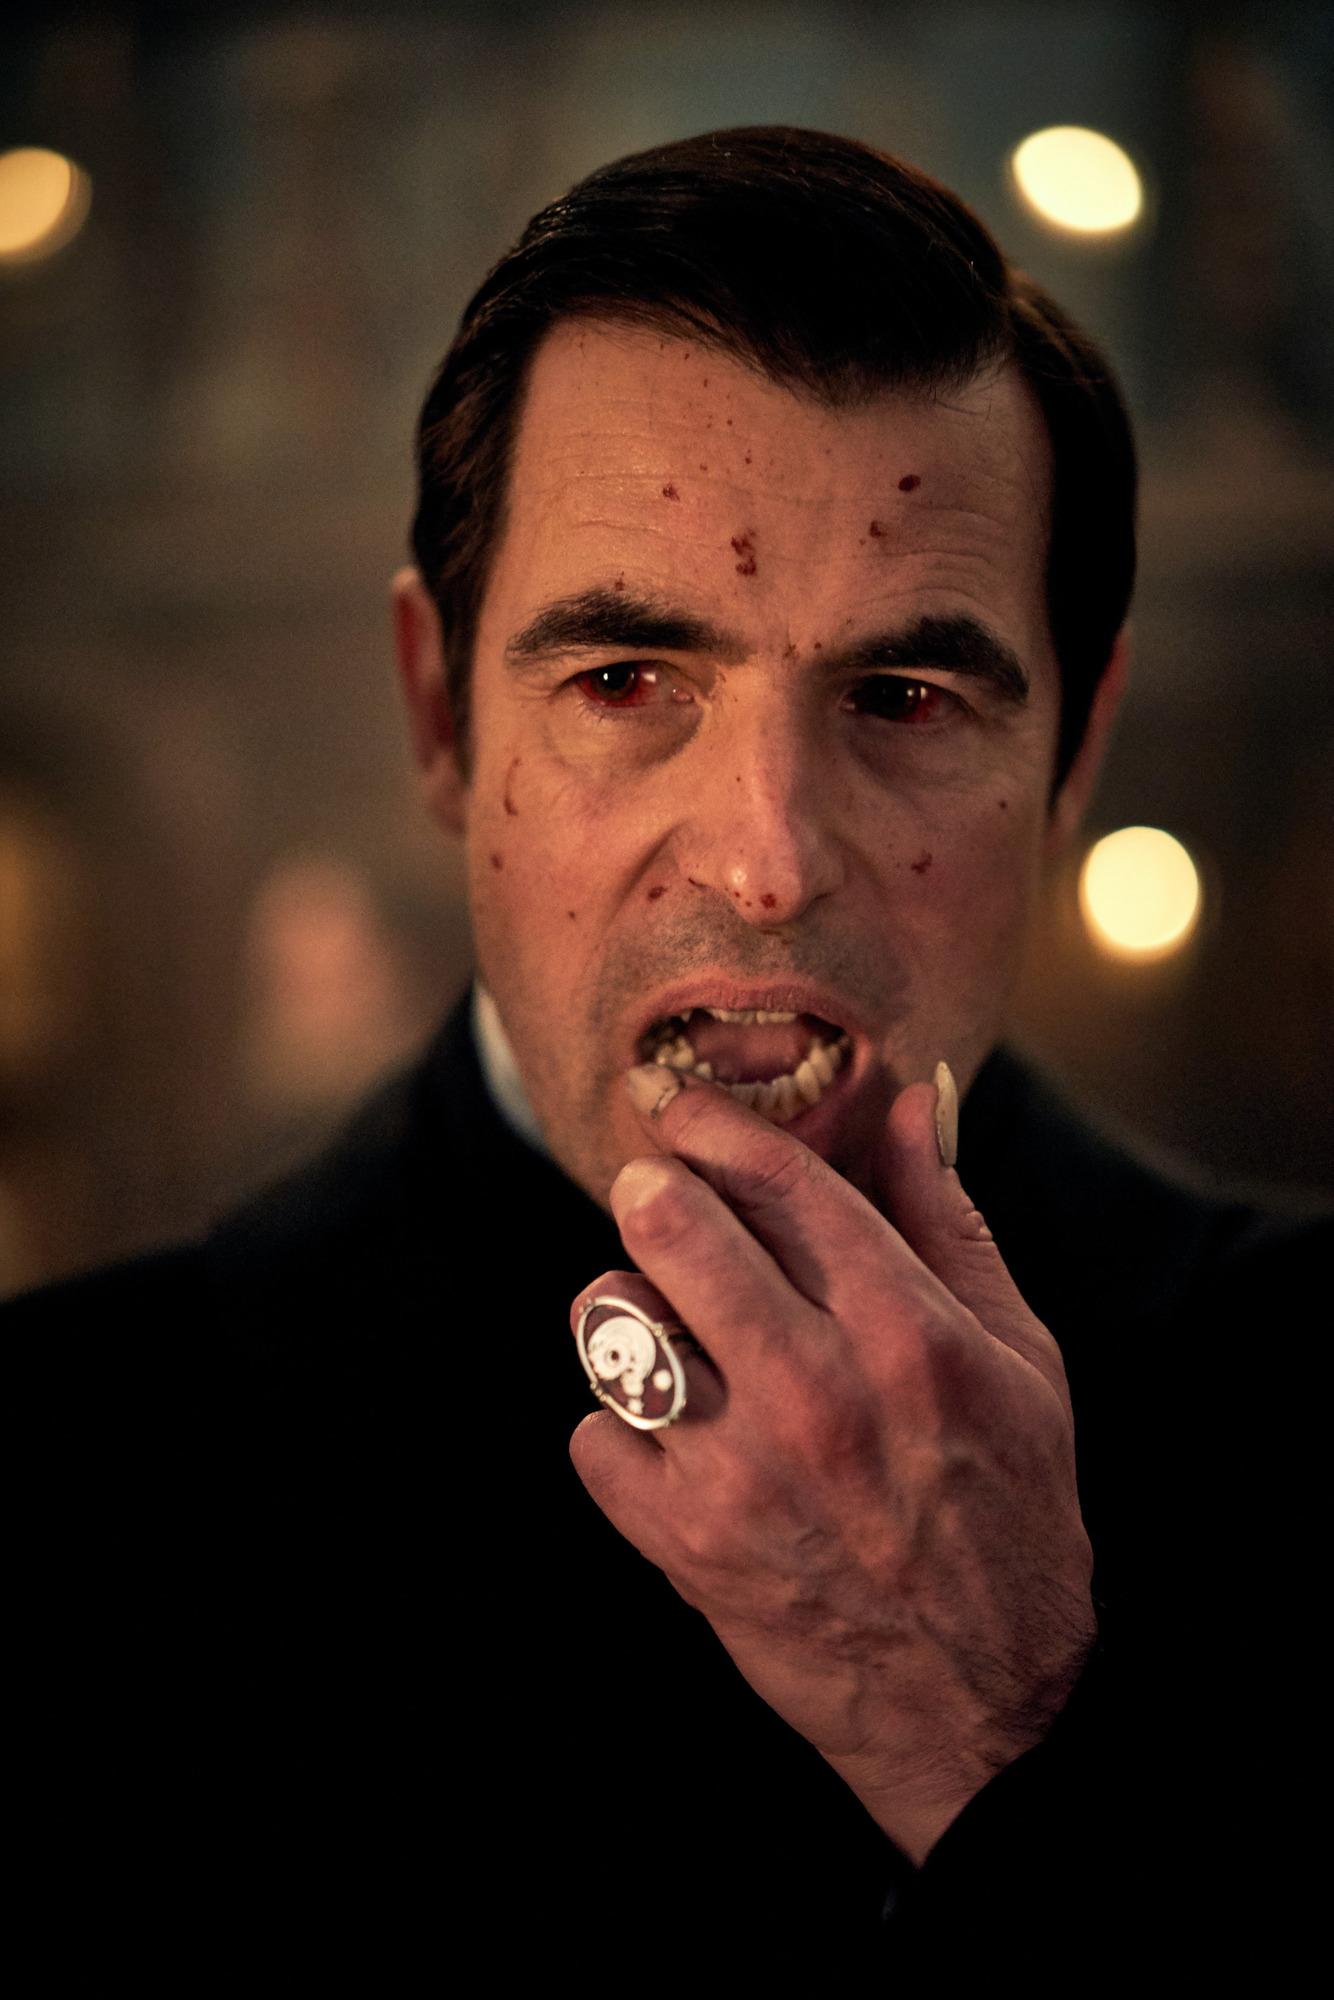 Вышел тизер сериала «Дракула» от создателей «Шерлока»-Фото 1